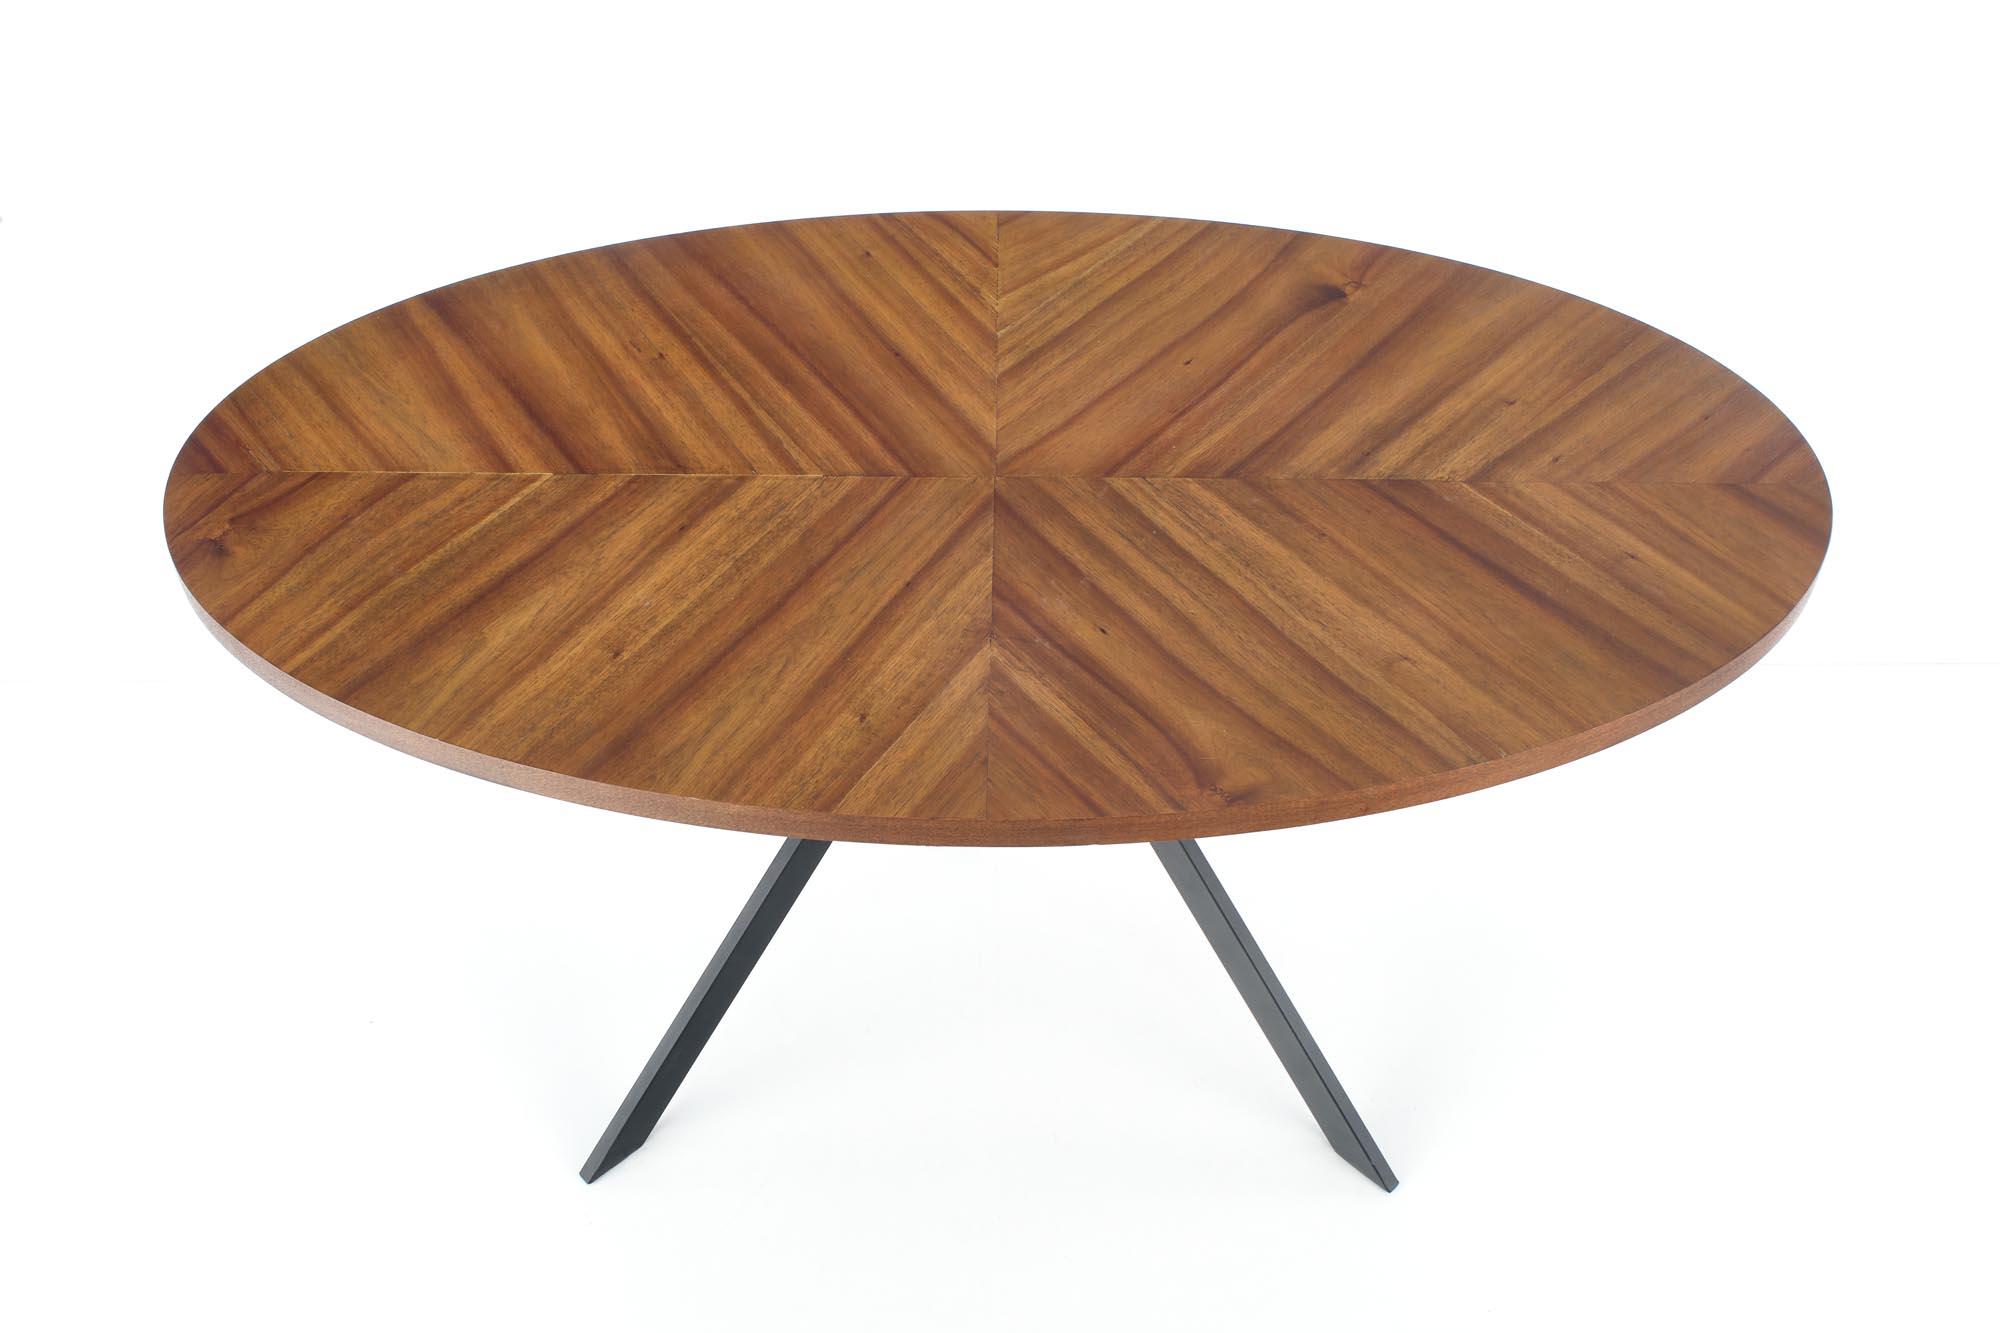 LOCARNO stół, blat - orzechowy, noga - czarny